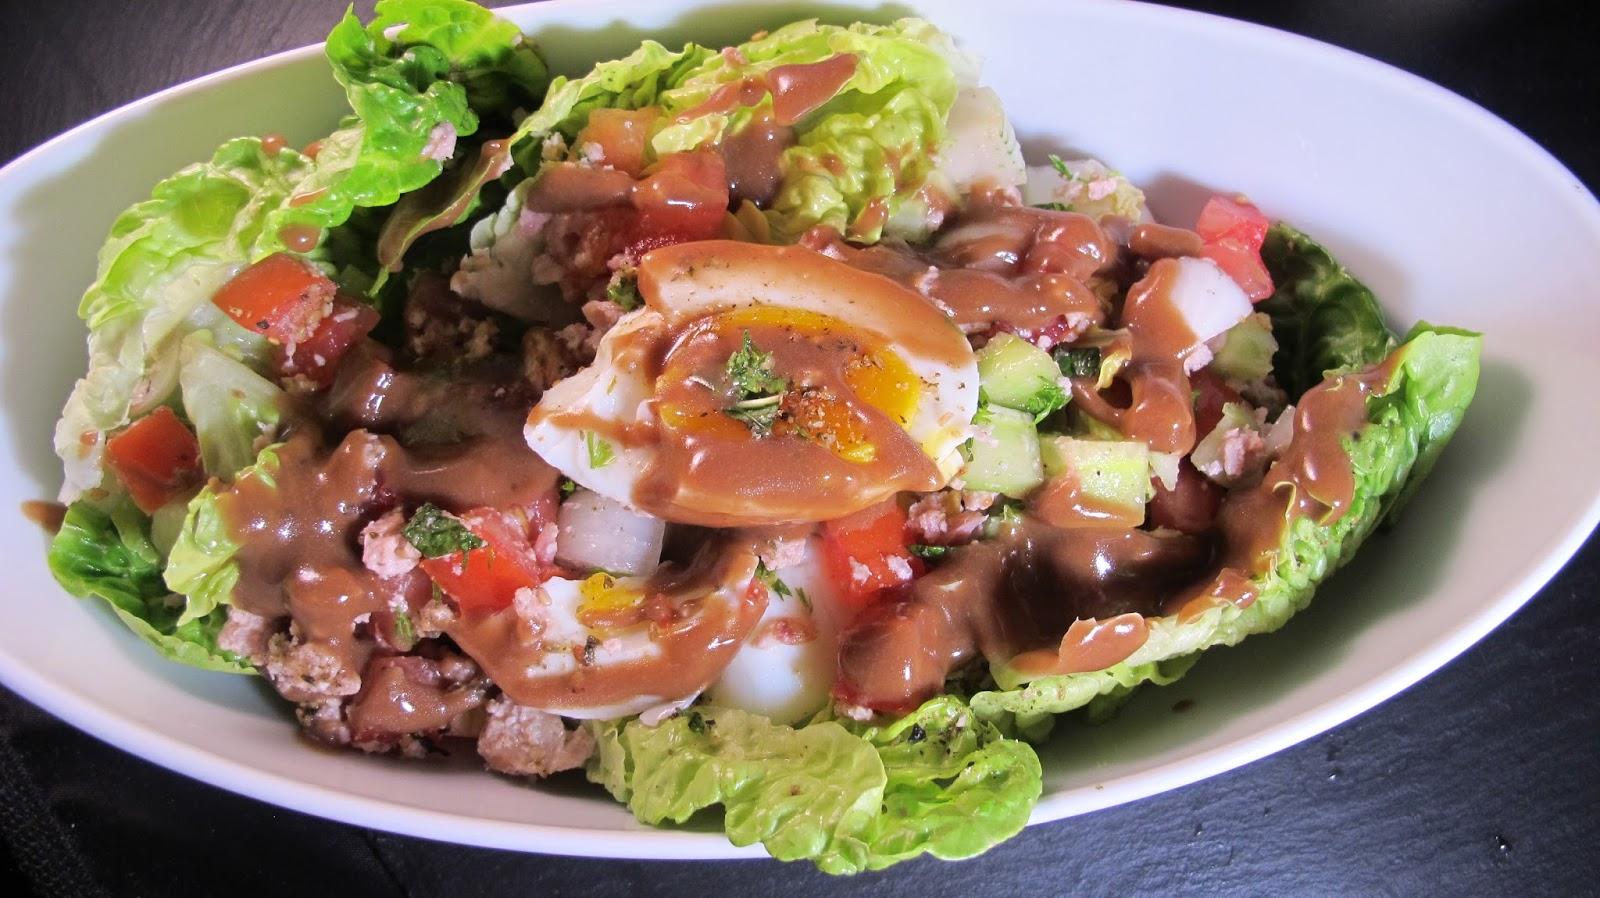 Salade improvis e le blog de cuisine en bouche for Allez cuisine translation